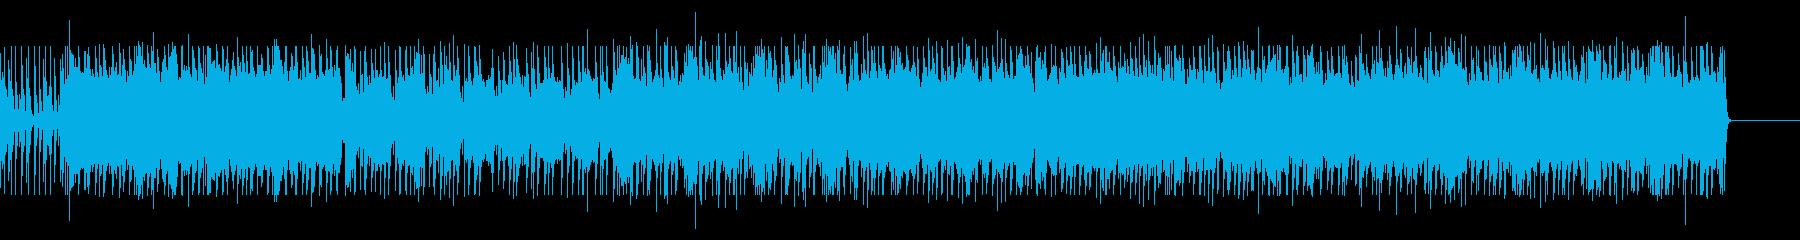 重厚なギターサウンドの再生済みの波形